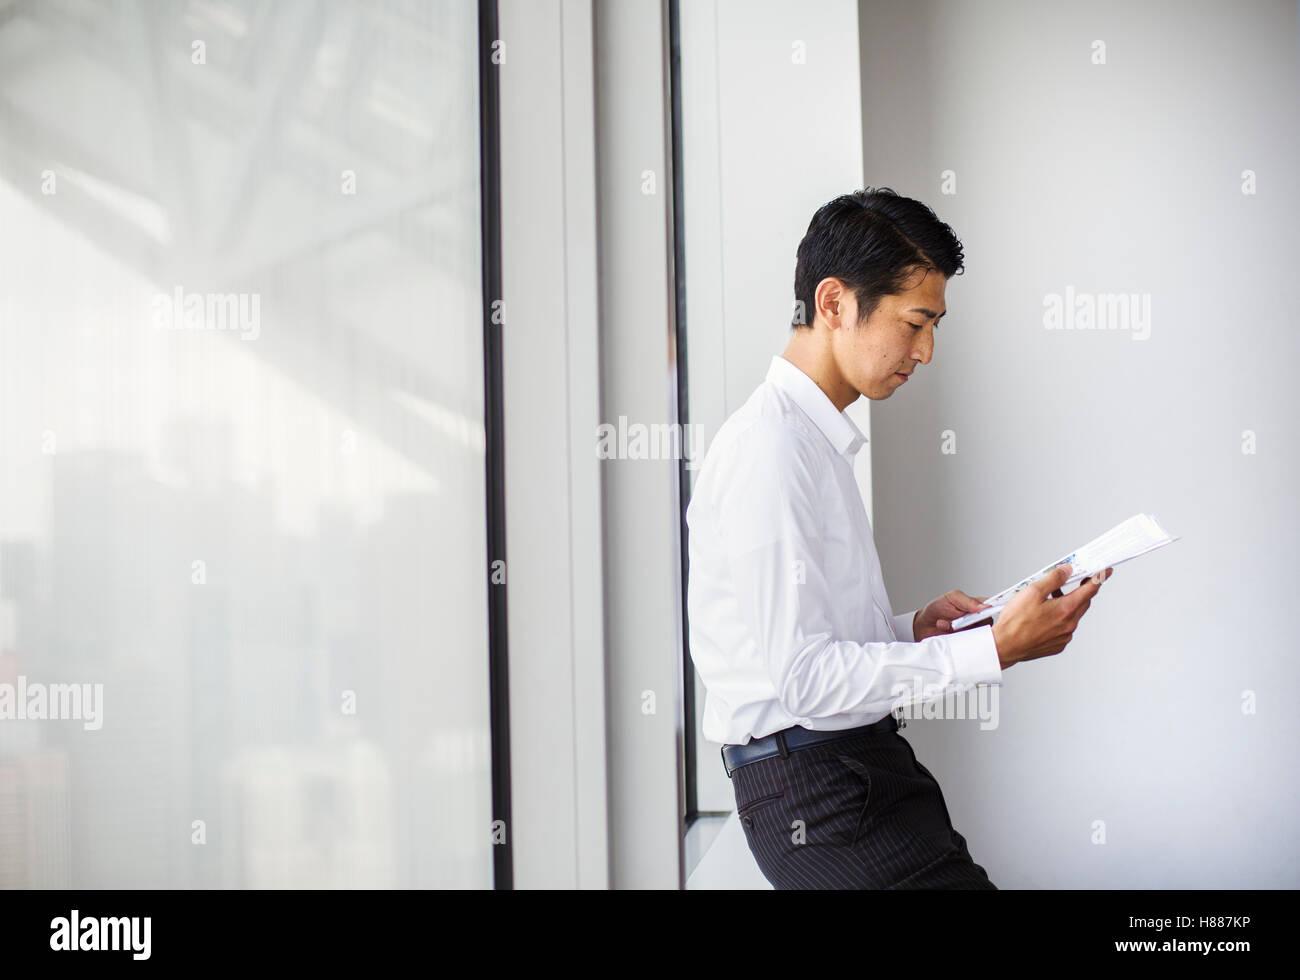 Ein Geschäftsmann im Büro durch ein großes Fenster lesen Papierkram. der Fensterbank gelehnt. Stadtbüro. Arbeitsleben Stockfoto